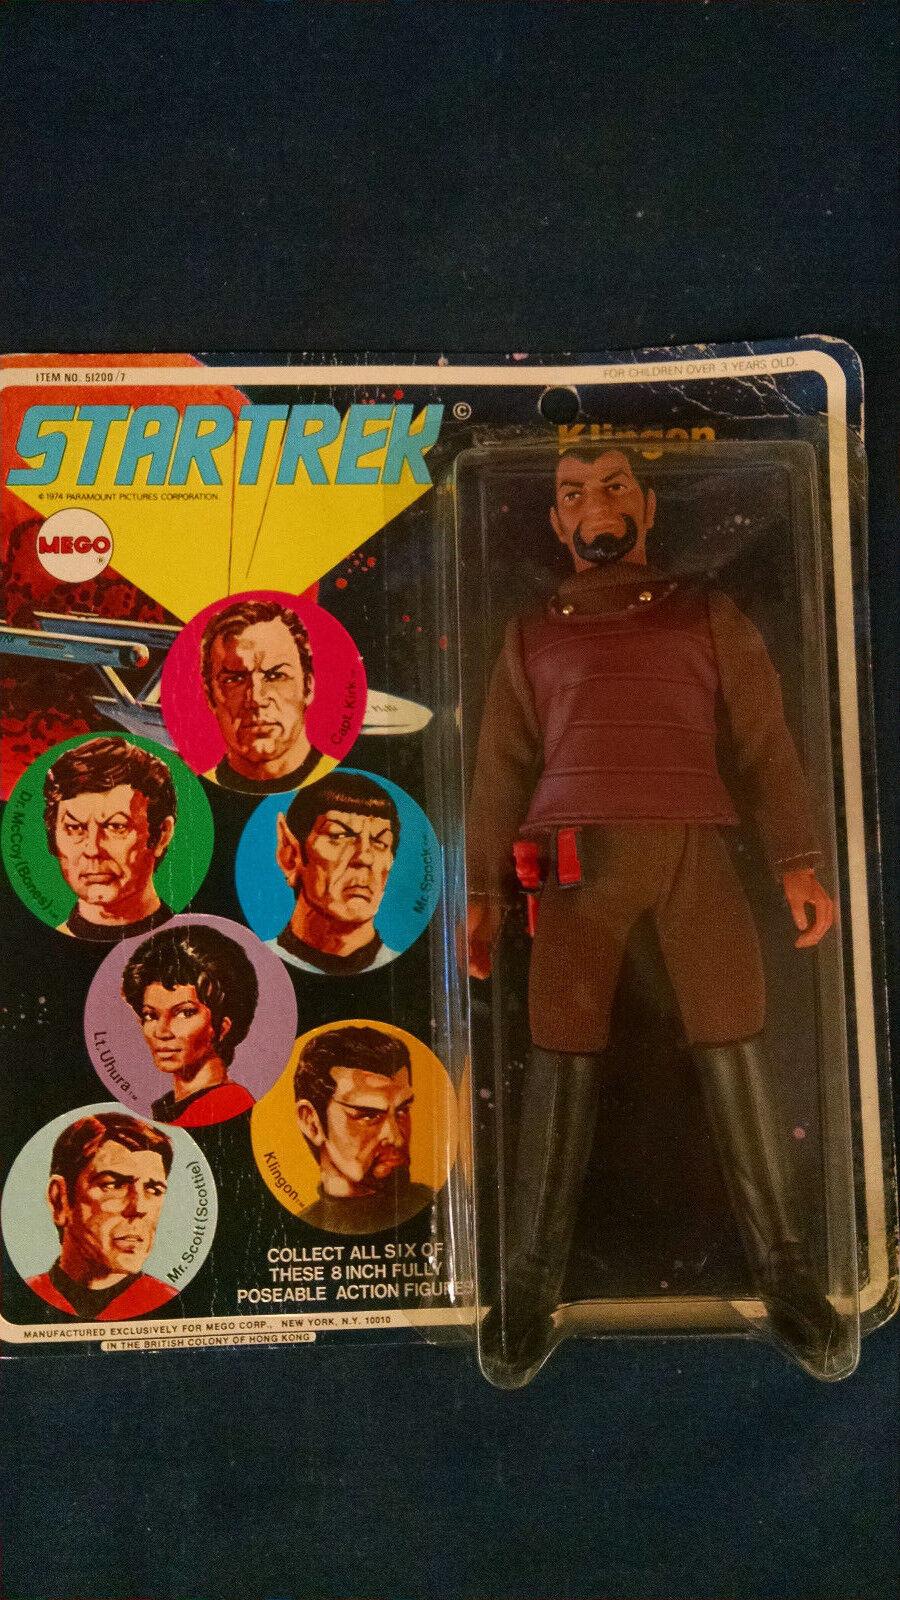 Vintage STAR TREK  Klingon MEGO Action Figure 1974 moc NOS mint on card